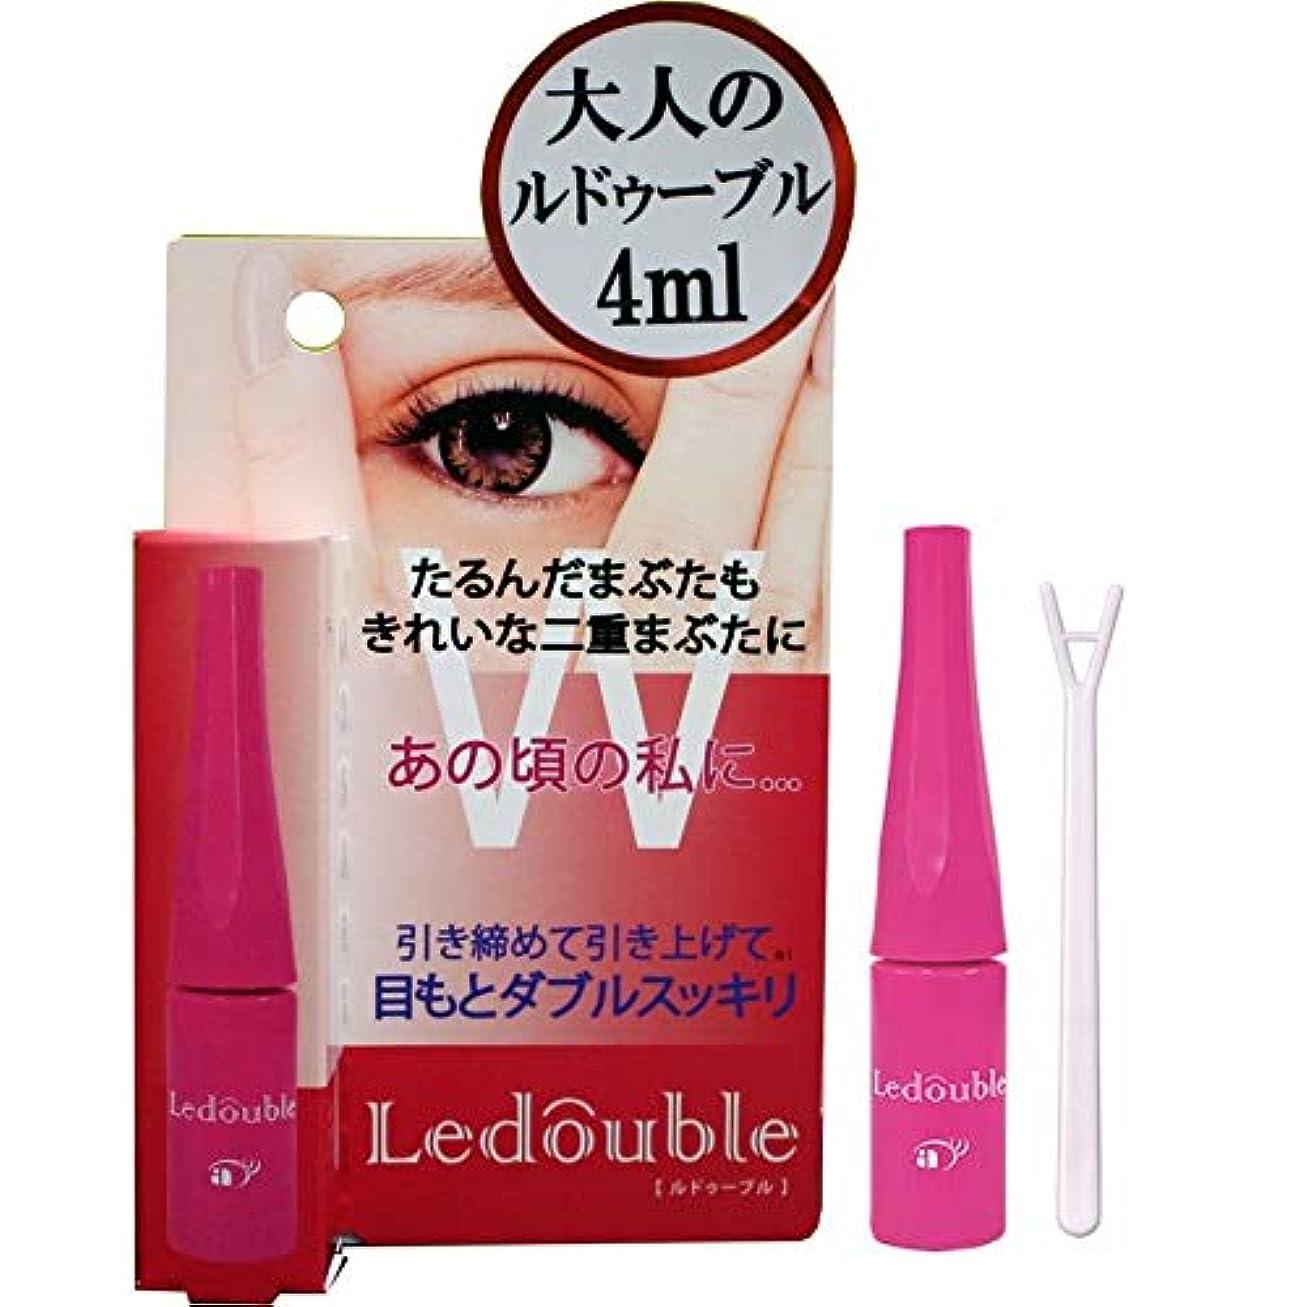 ご予約バレエリフレッシュ大人のLedouble [大人のルドゥーブル] 二重まぶた化粧品 (4mL)